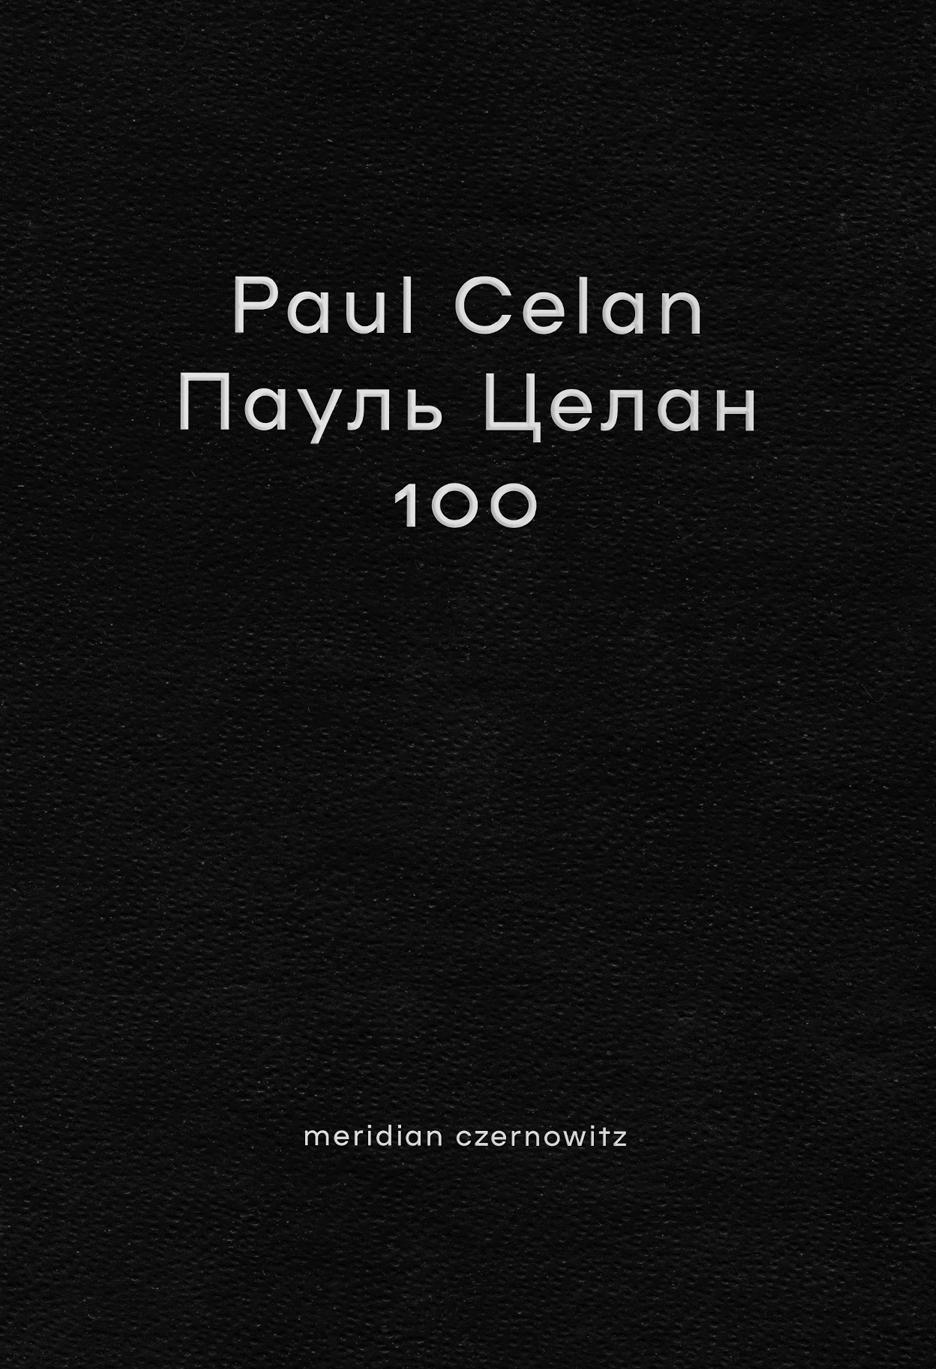 Німецько-українська антологія Пауль Целан 100